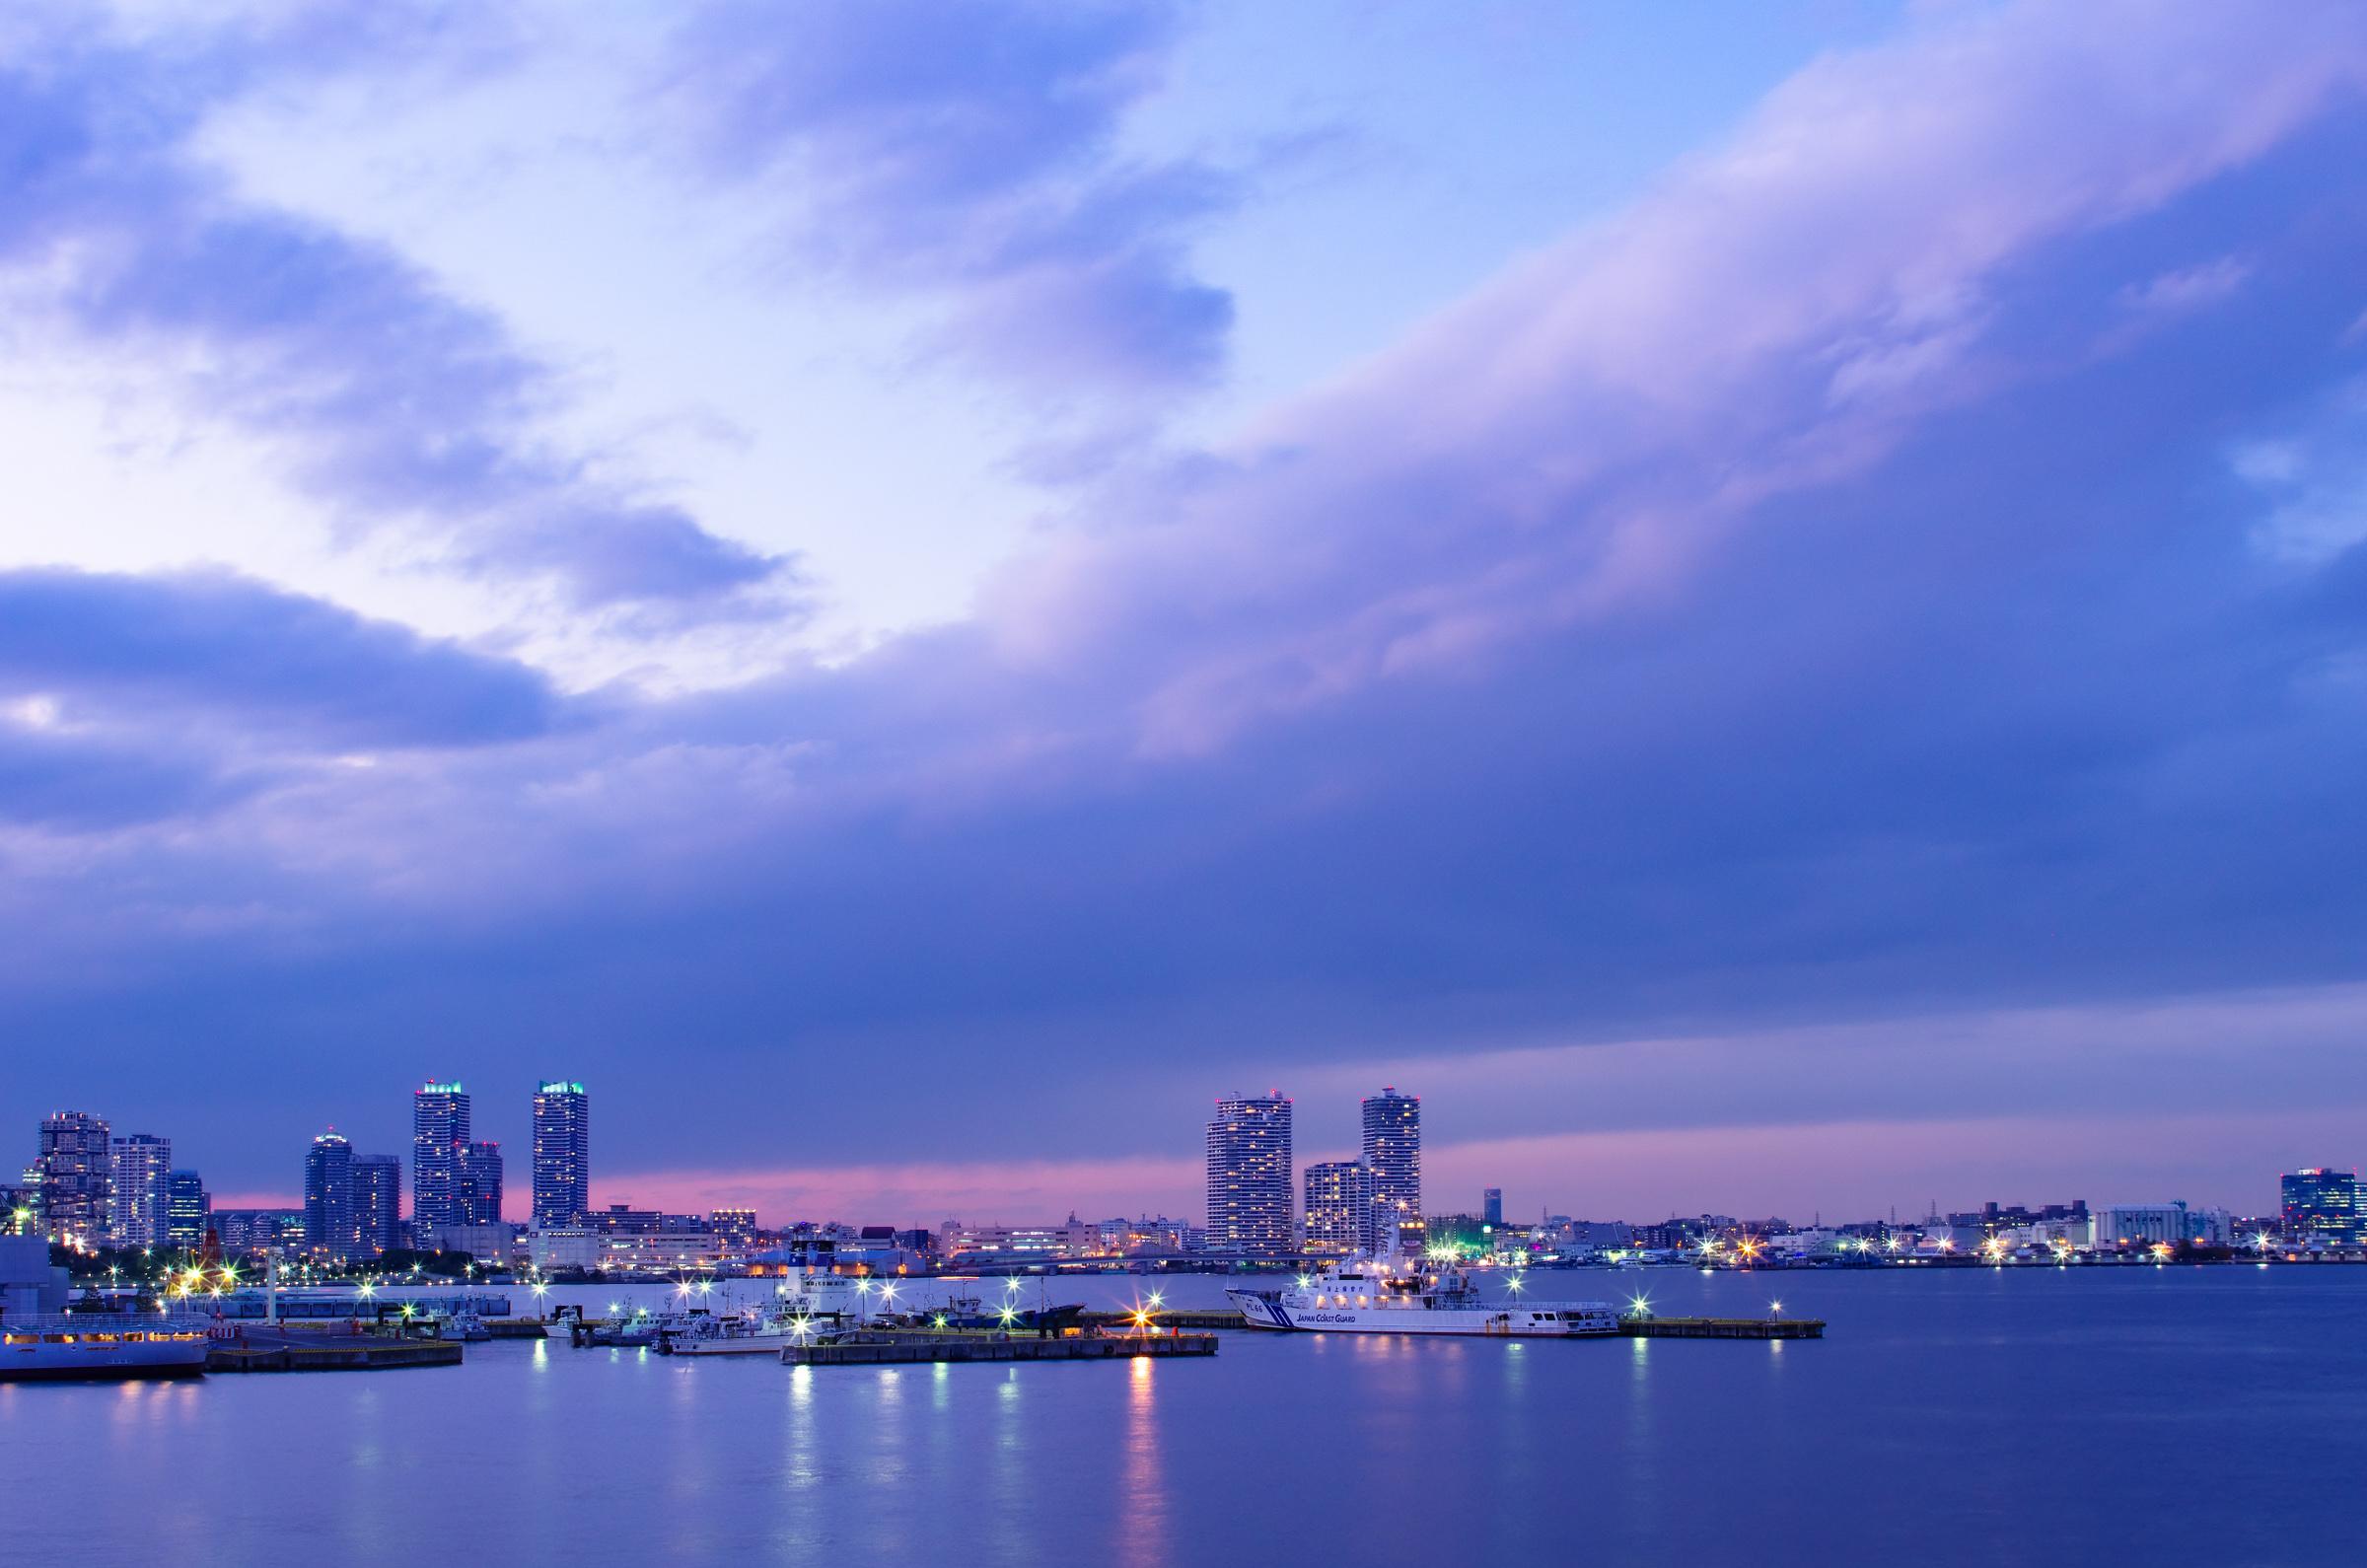 大さん橋より横浜夕景 | PENTAX K-5IIs&FA★28-70mm